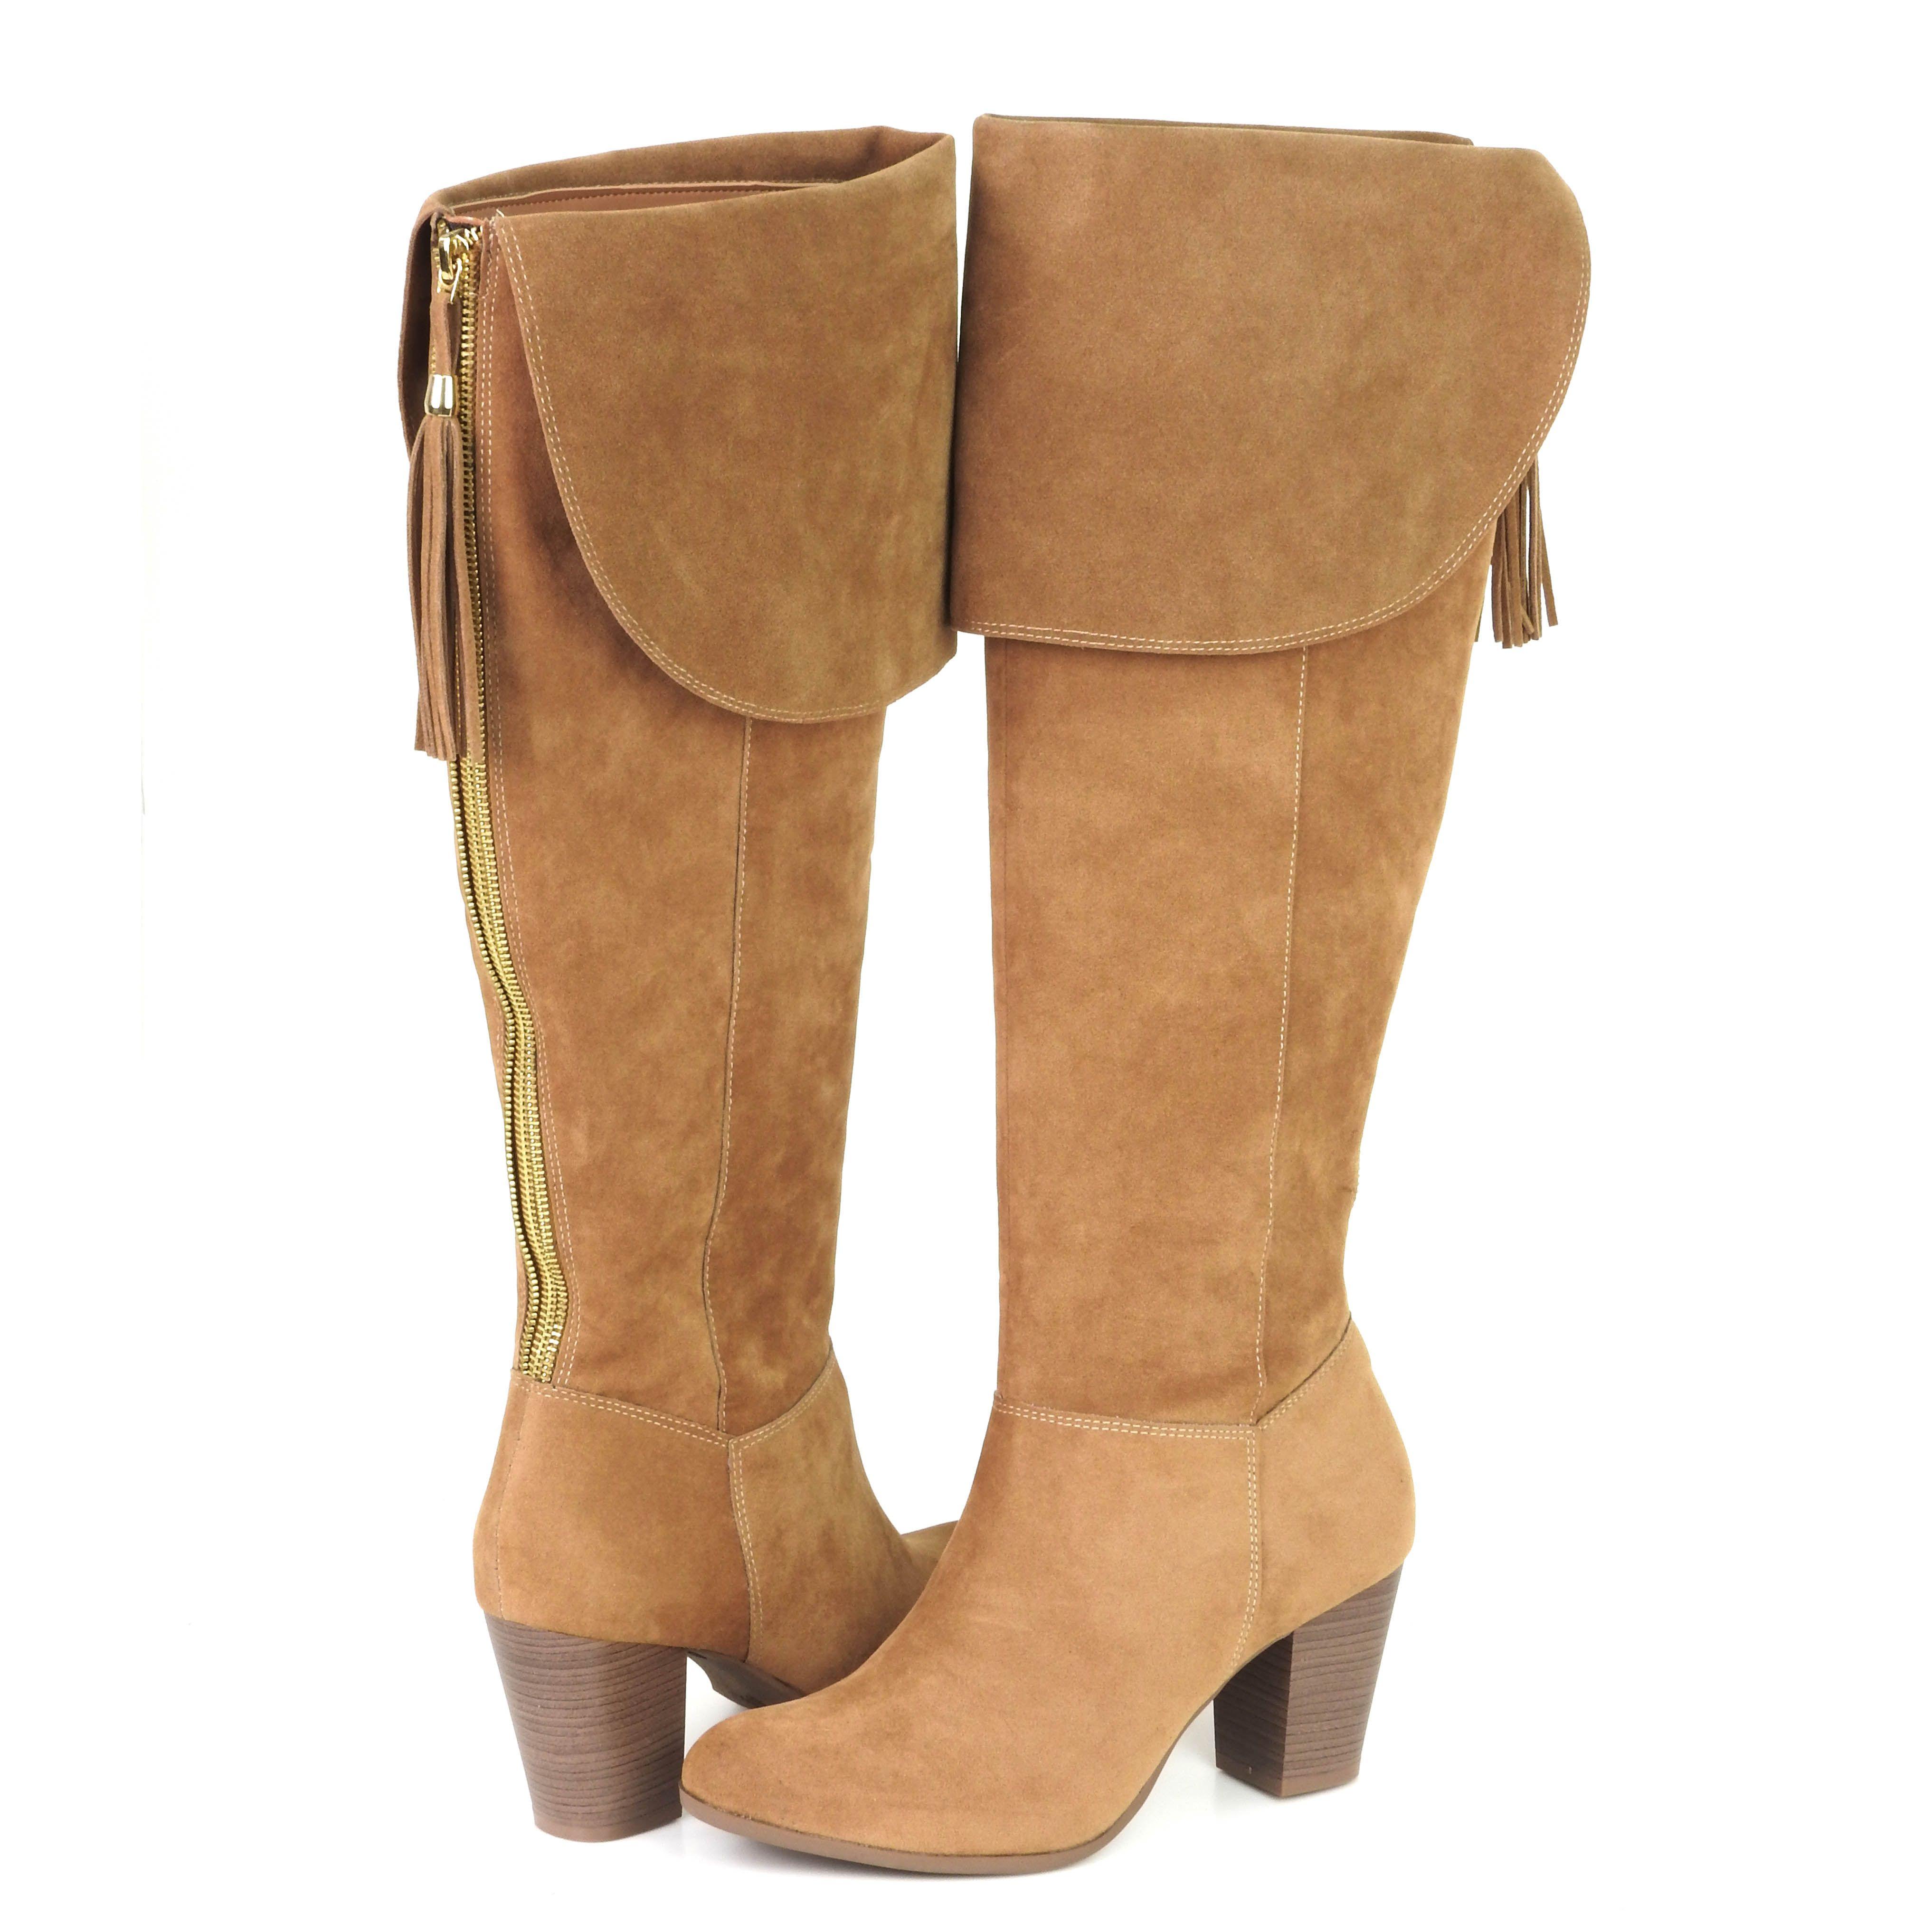 a987bfb74 boots - botas - bota de cano longo - bota over the knee - bota cano ...